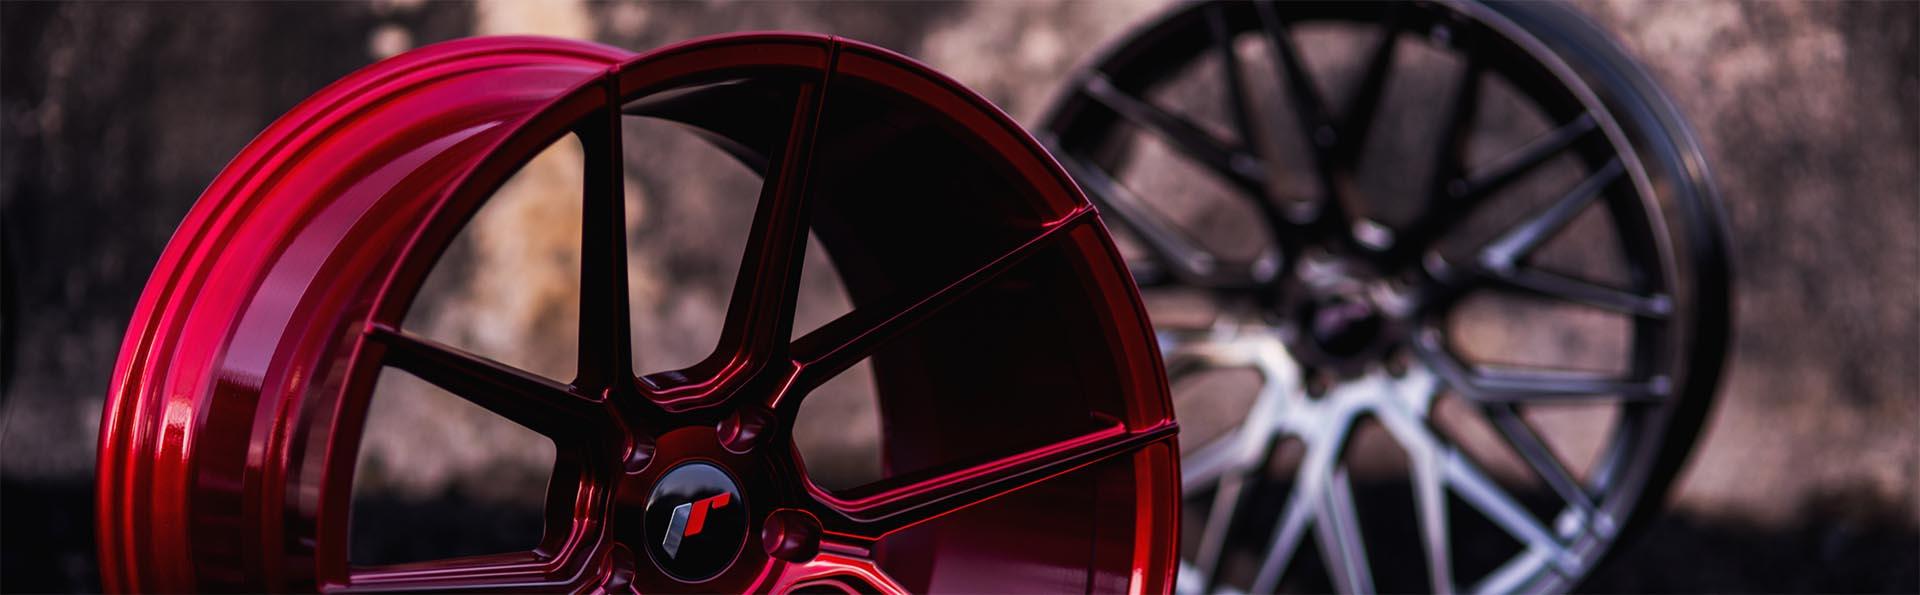 Bild på röda och snygga fälgar